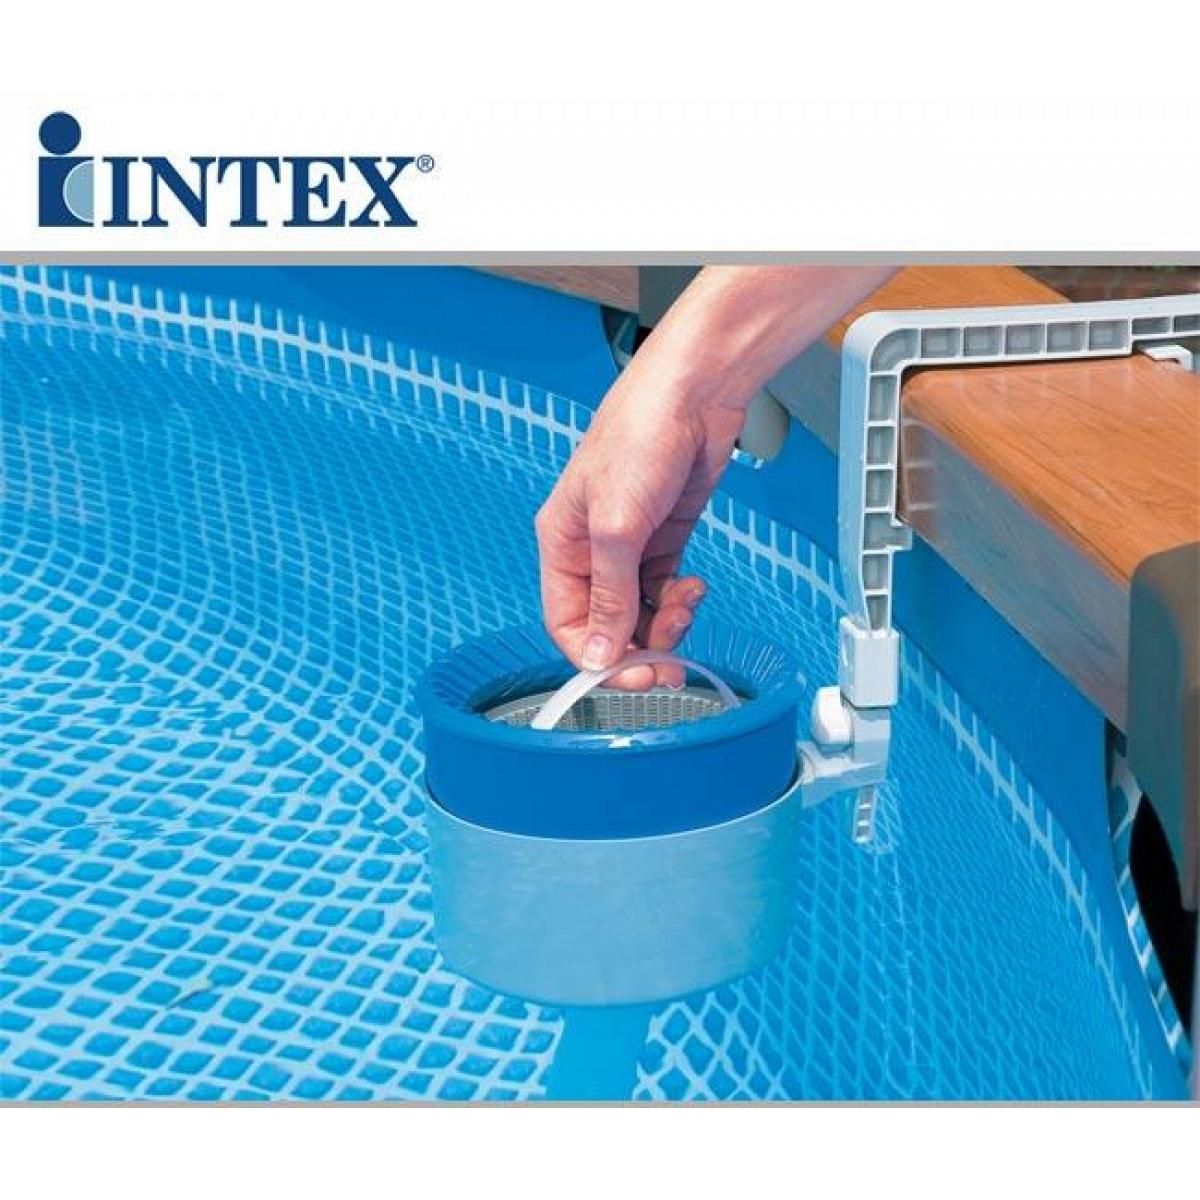 Filter Pump Intex Mod Skimmer Deluxe Intex Piscine Filter